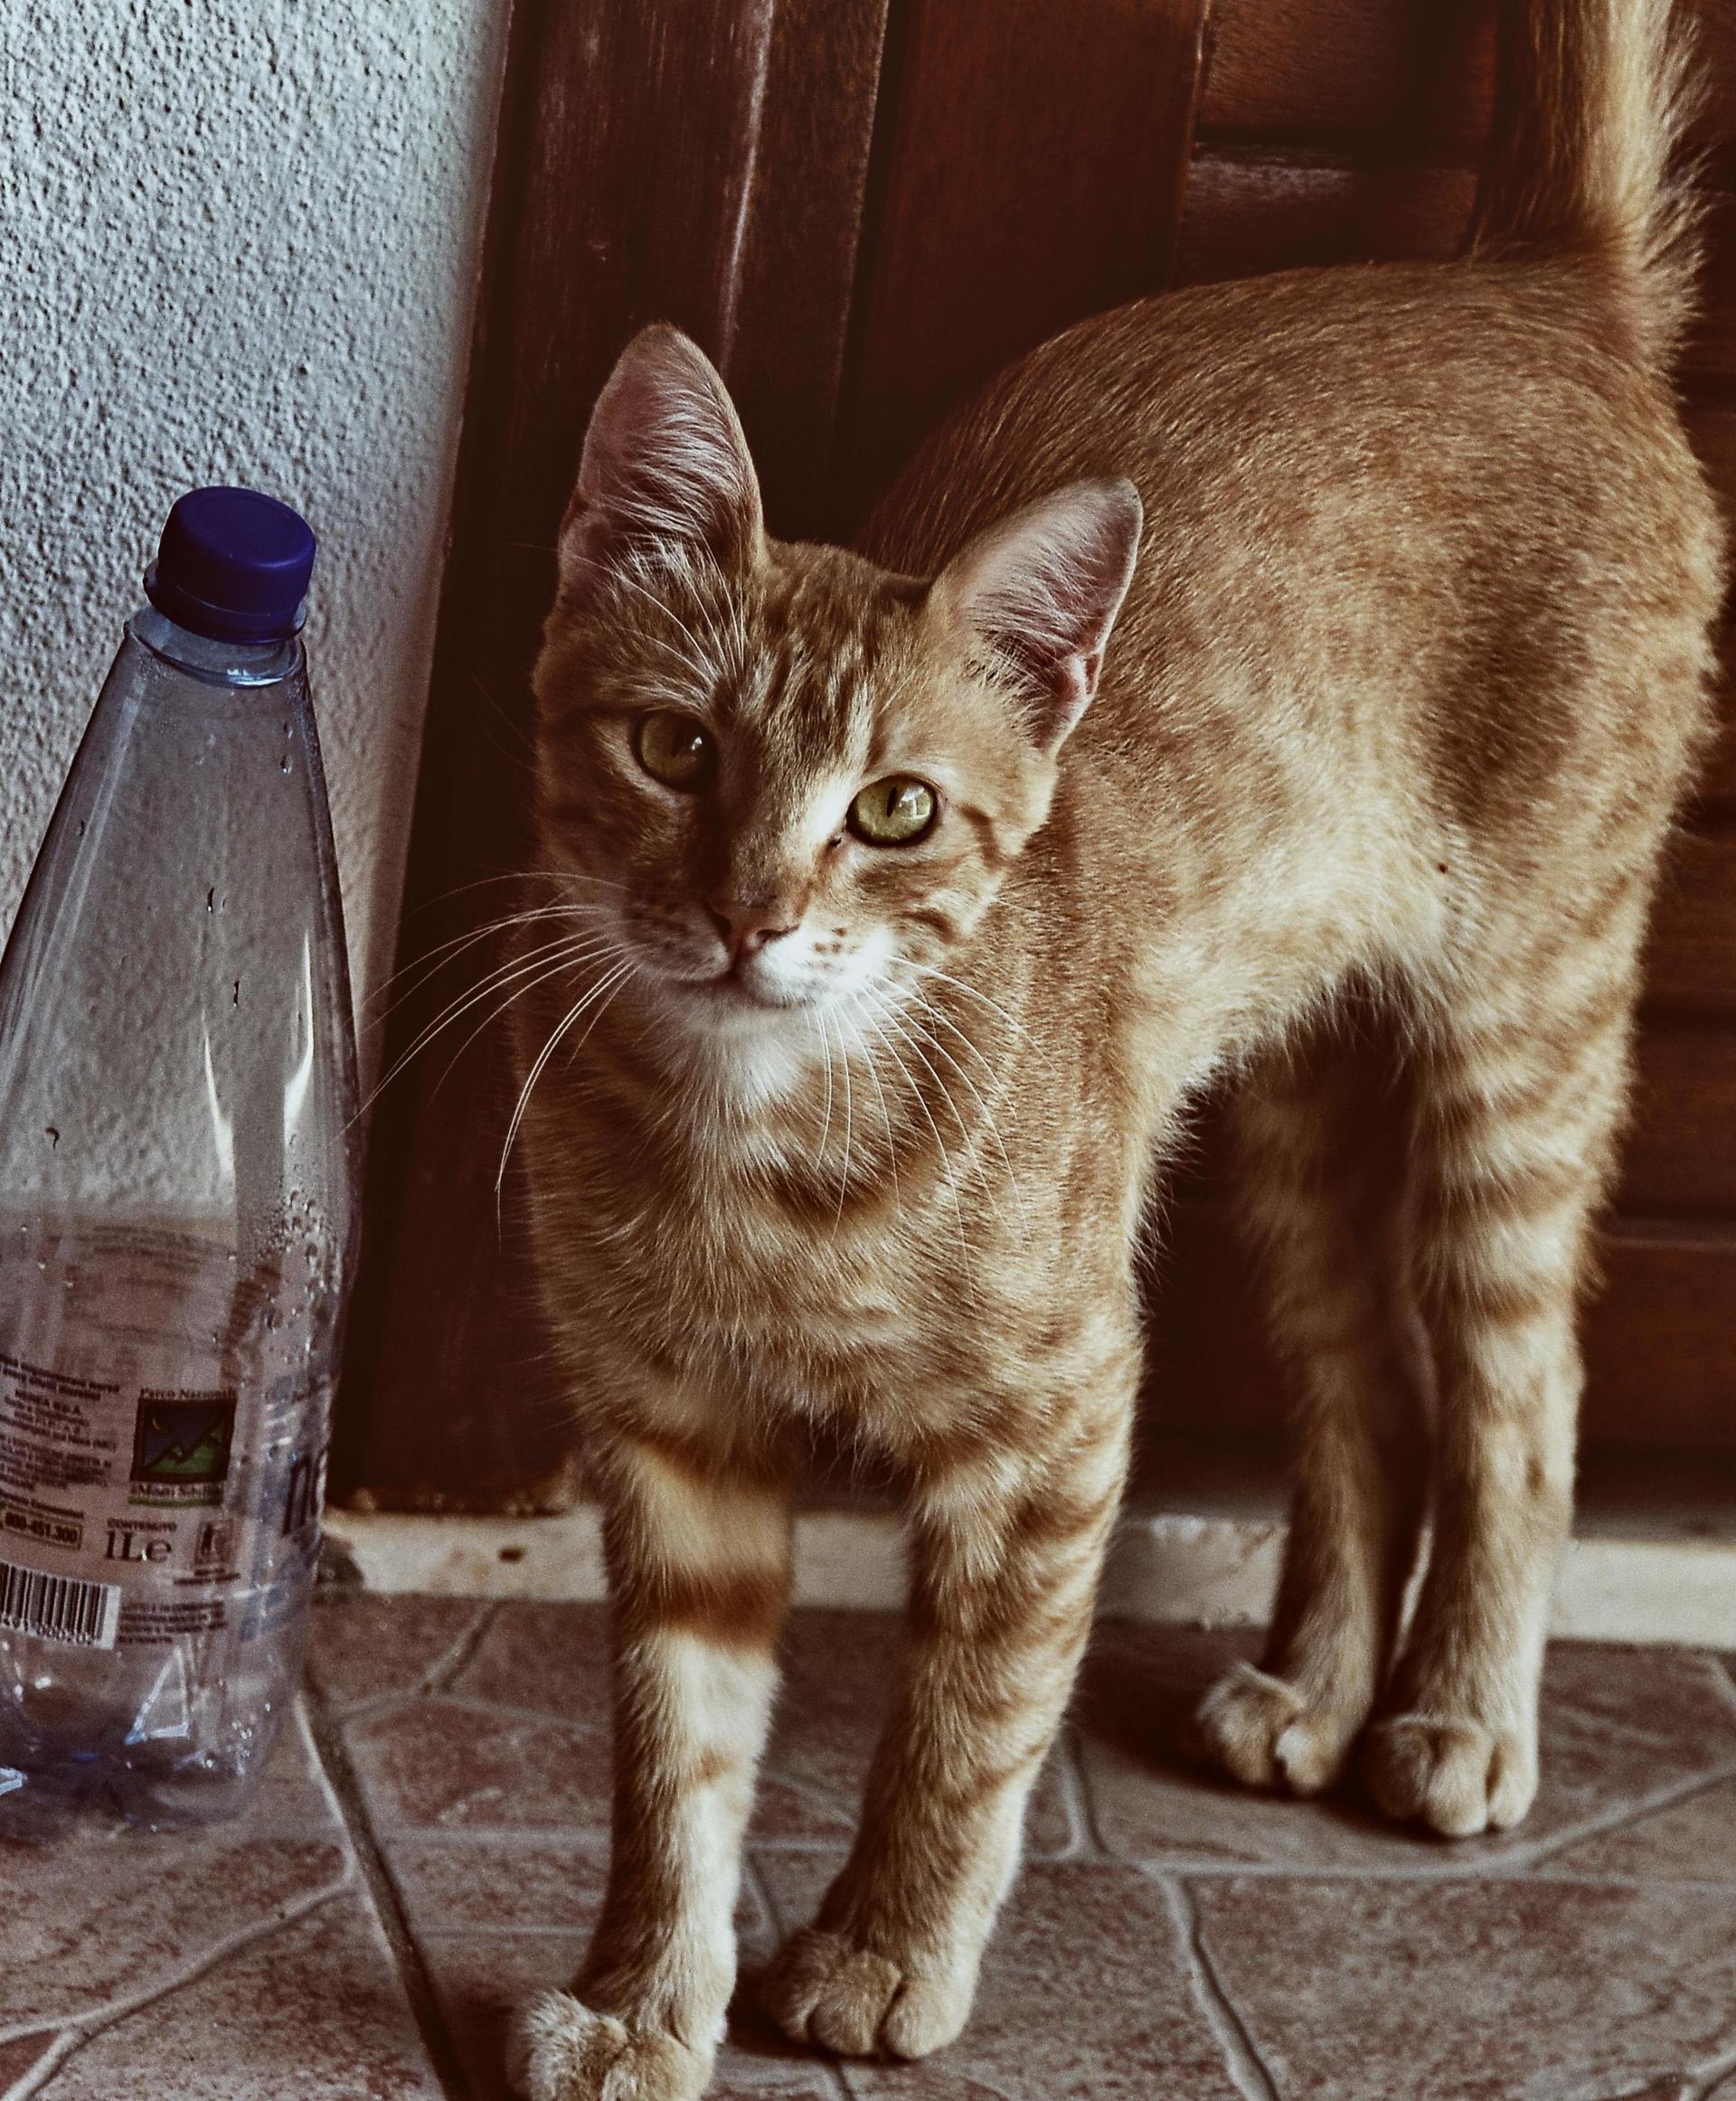 Foap.com: portrait of a curious cat stock photo by colors